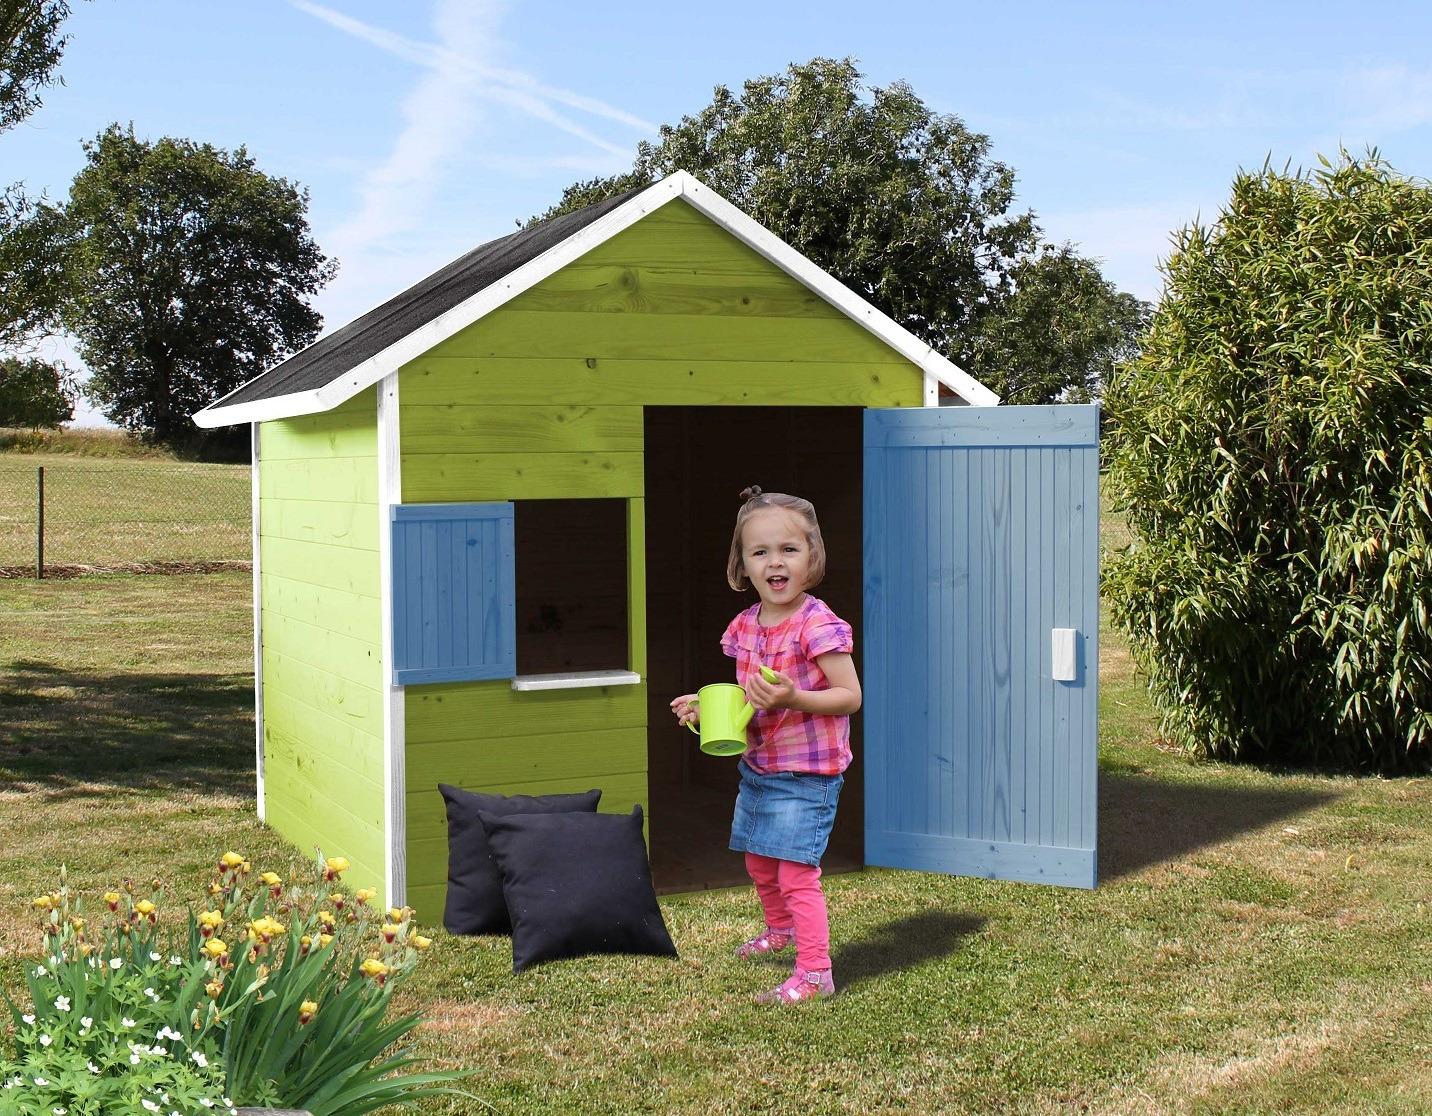 Casetta da esterno in legno ribes per bambini cod cl1387 - Casetta da giardino per bambini usata ...